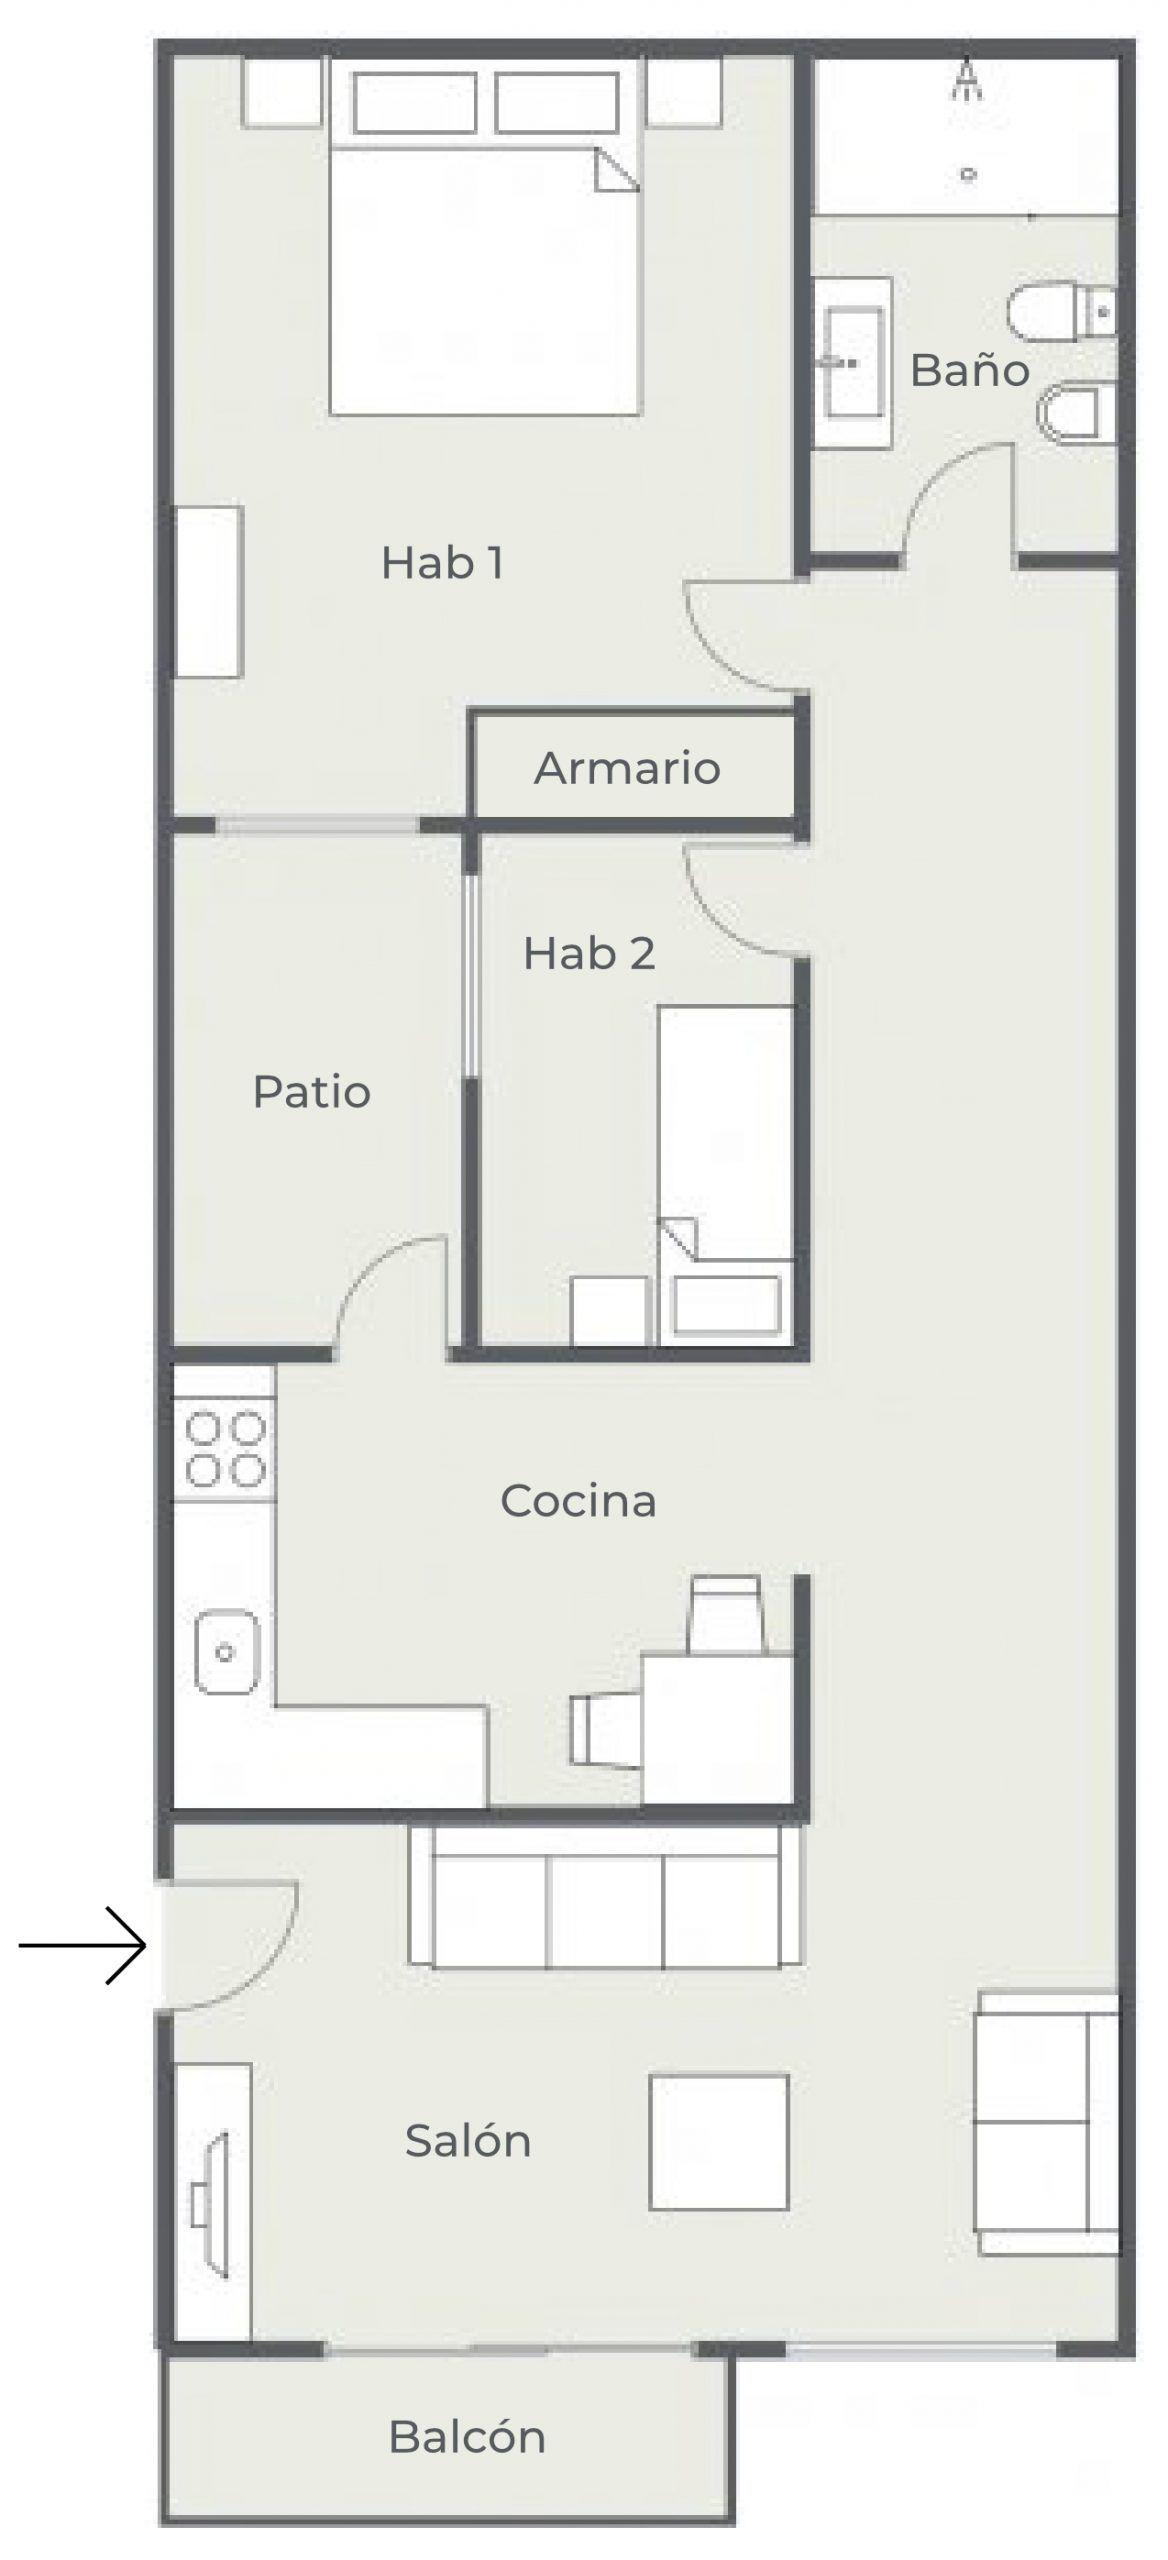 Antequera y Bobadilla - Plano